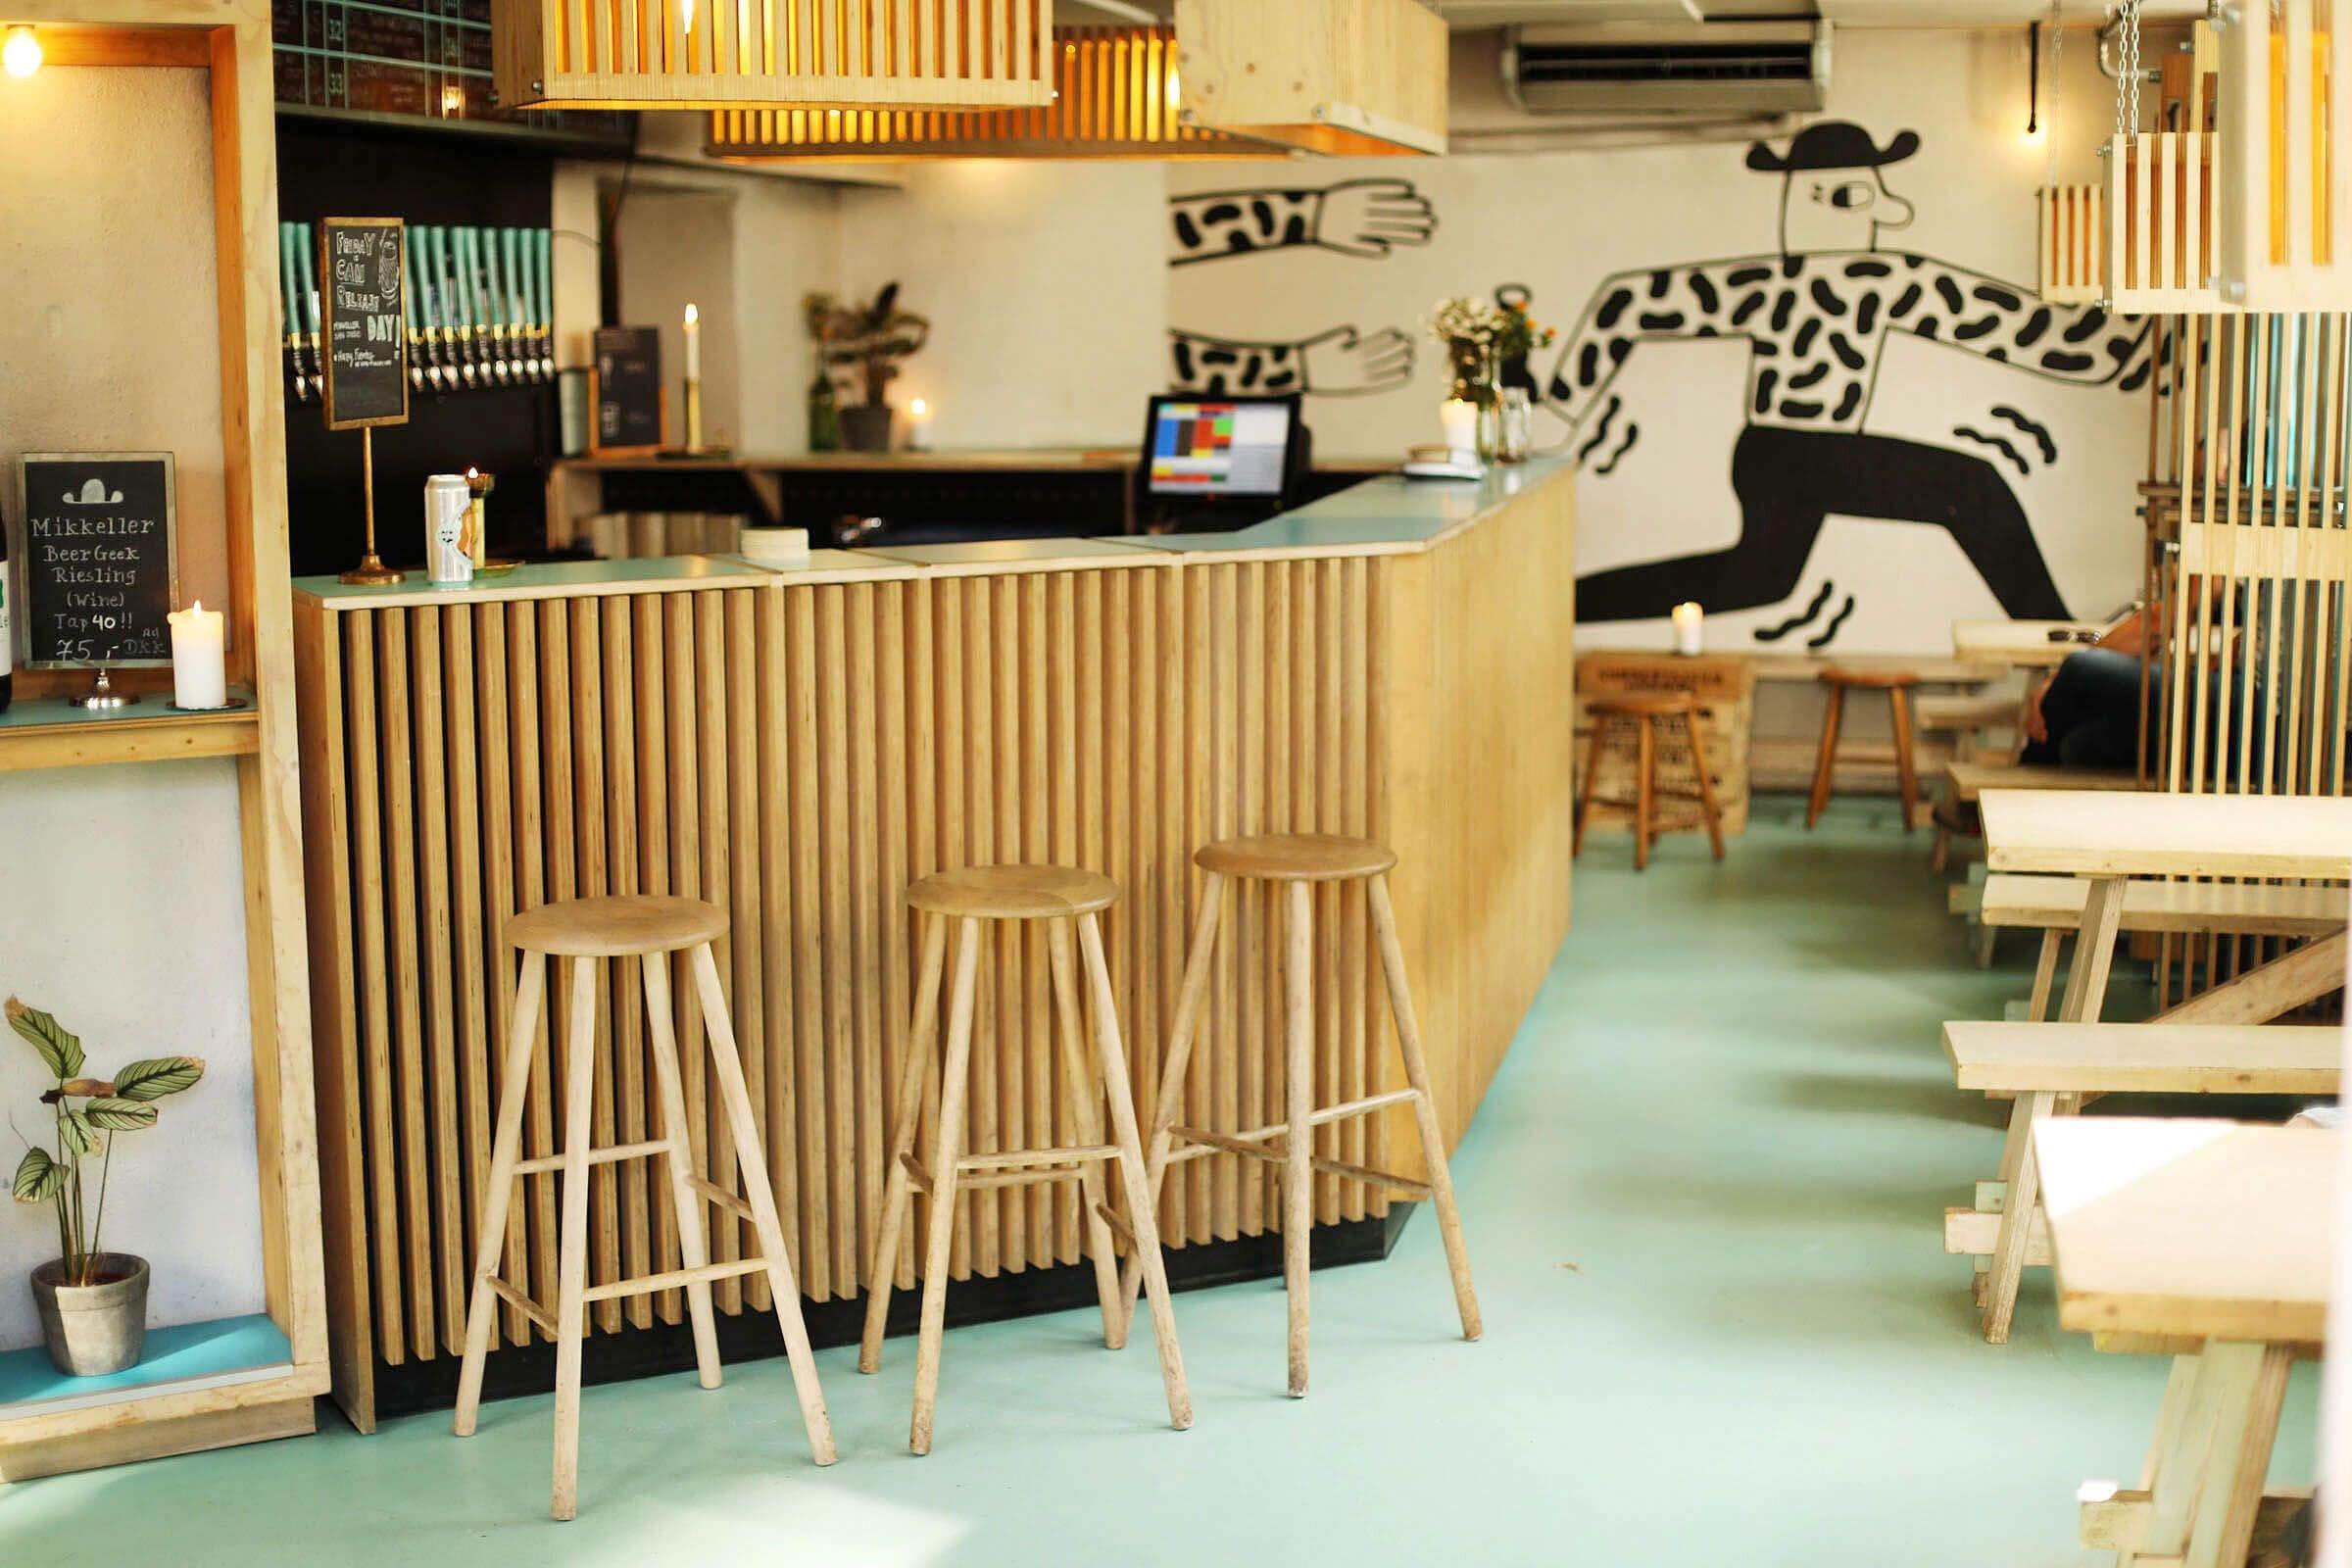 Inside the taproom at Mikkeller Headquarters in Copenhagen, Denmark